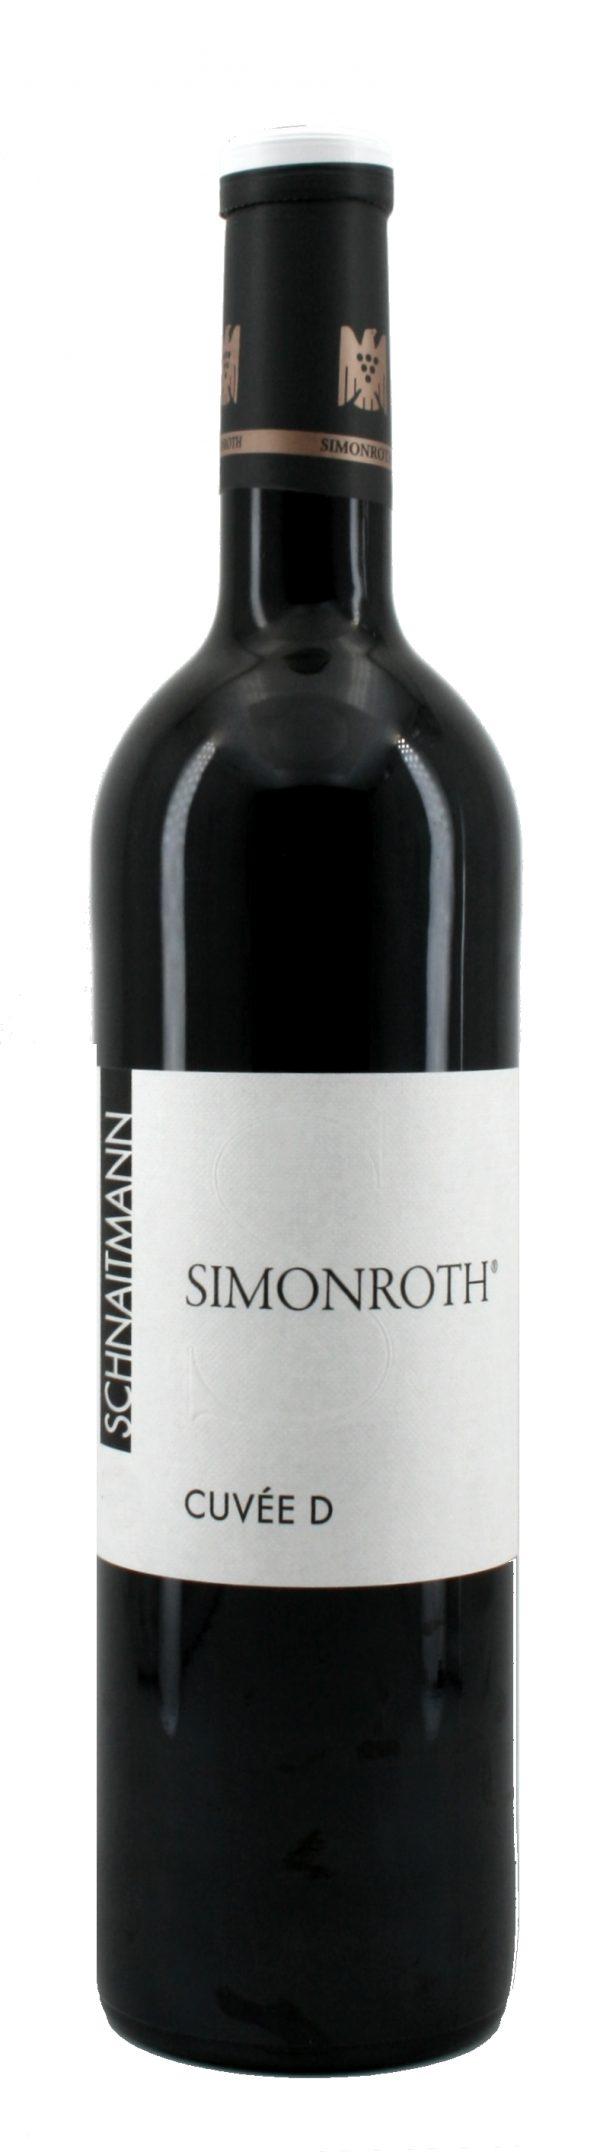 6 Flaschen 2018 Simonroth Cuvée D